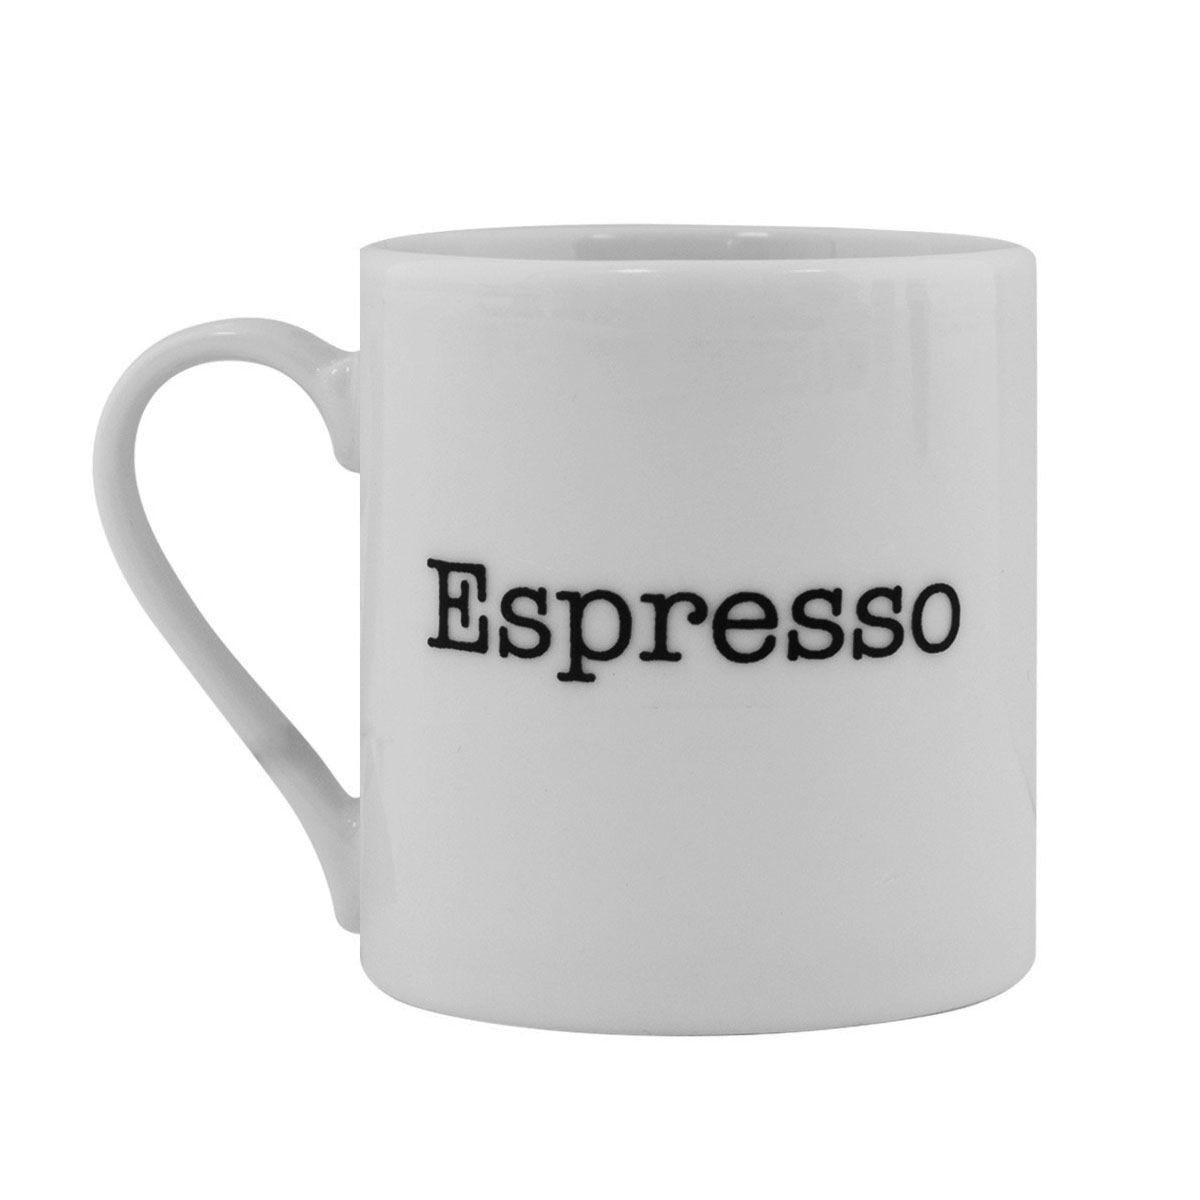 Espresso Mug - White